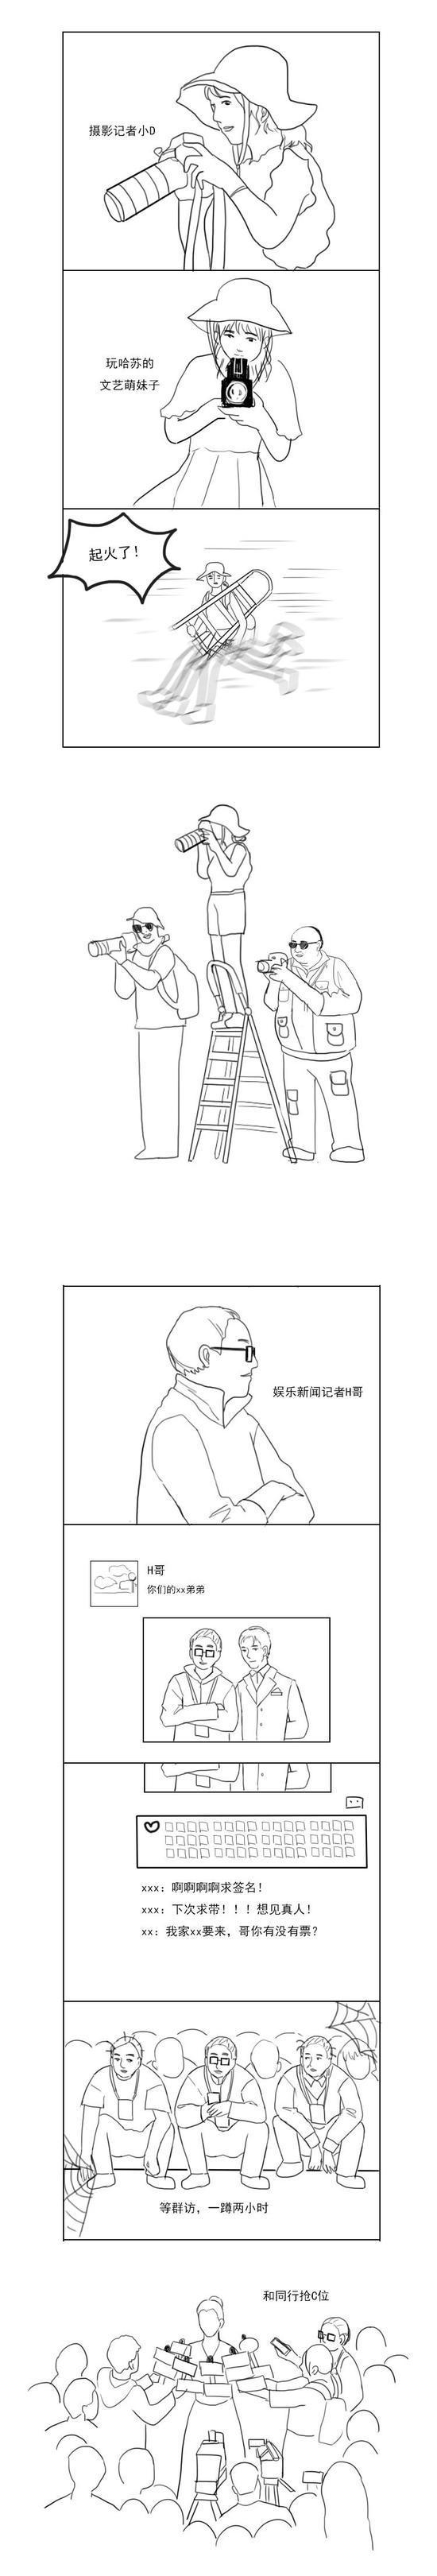 """9158视频聊天-交通运输部新规""""地铁内使用电子设备不得外放声音""""杭州怎么执行?"""